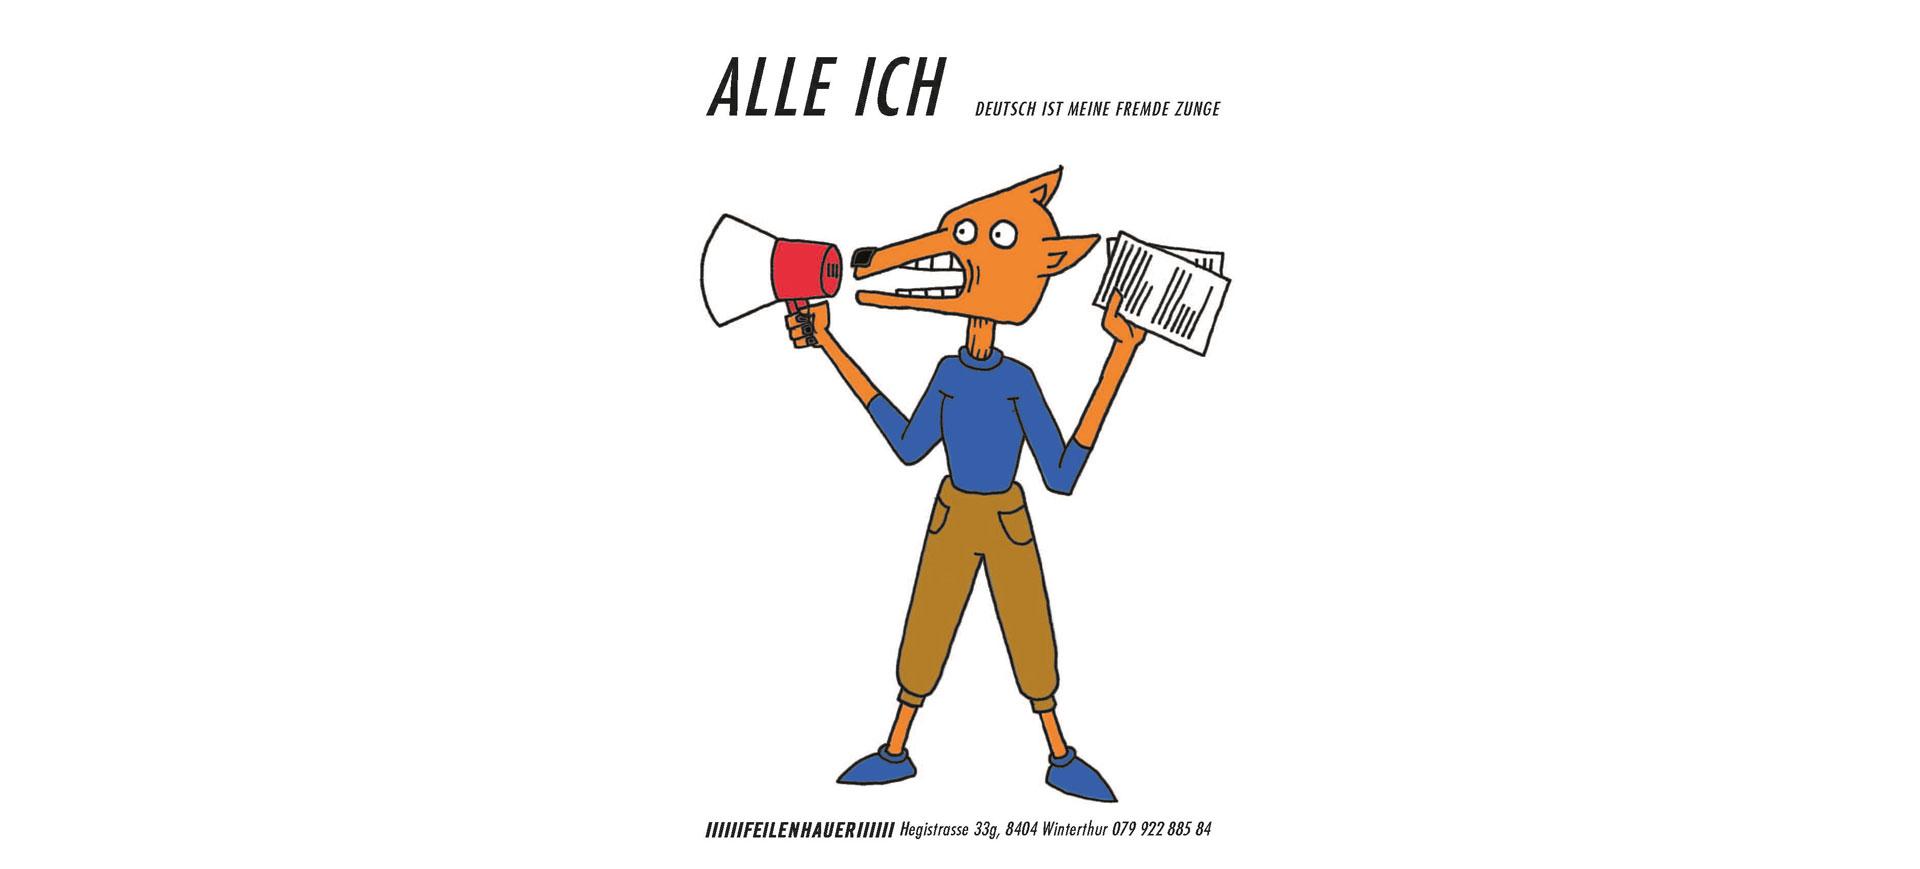 Alle ich – Deutsch ist meine fremde Zunge